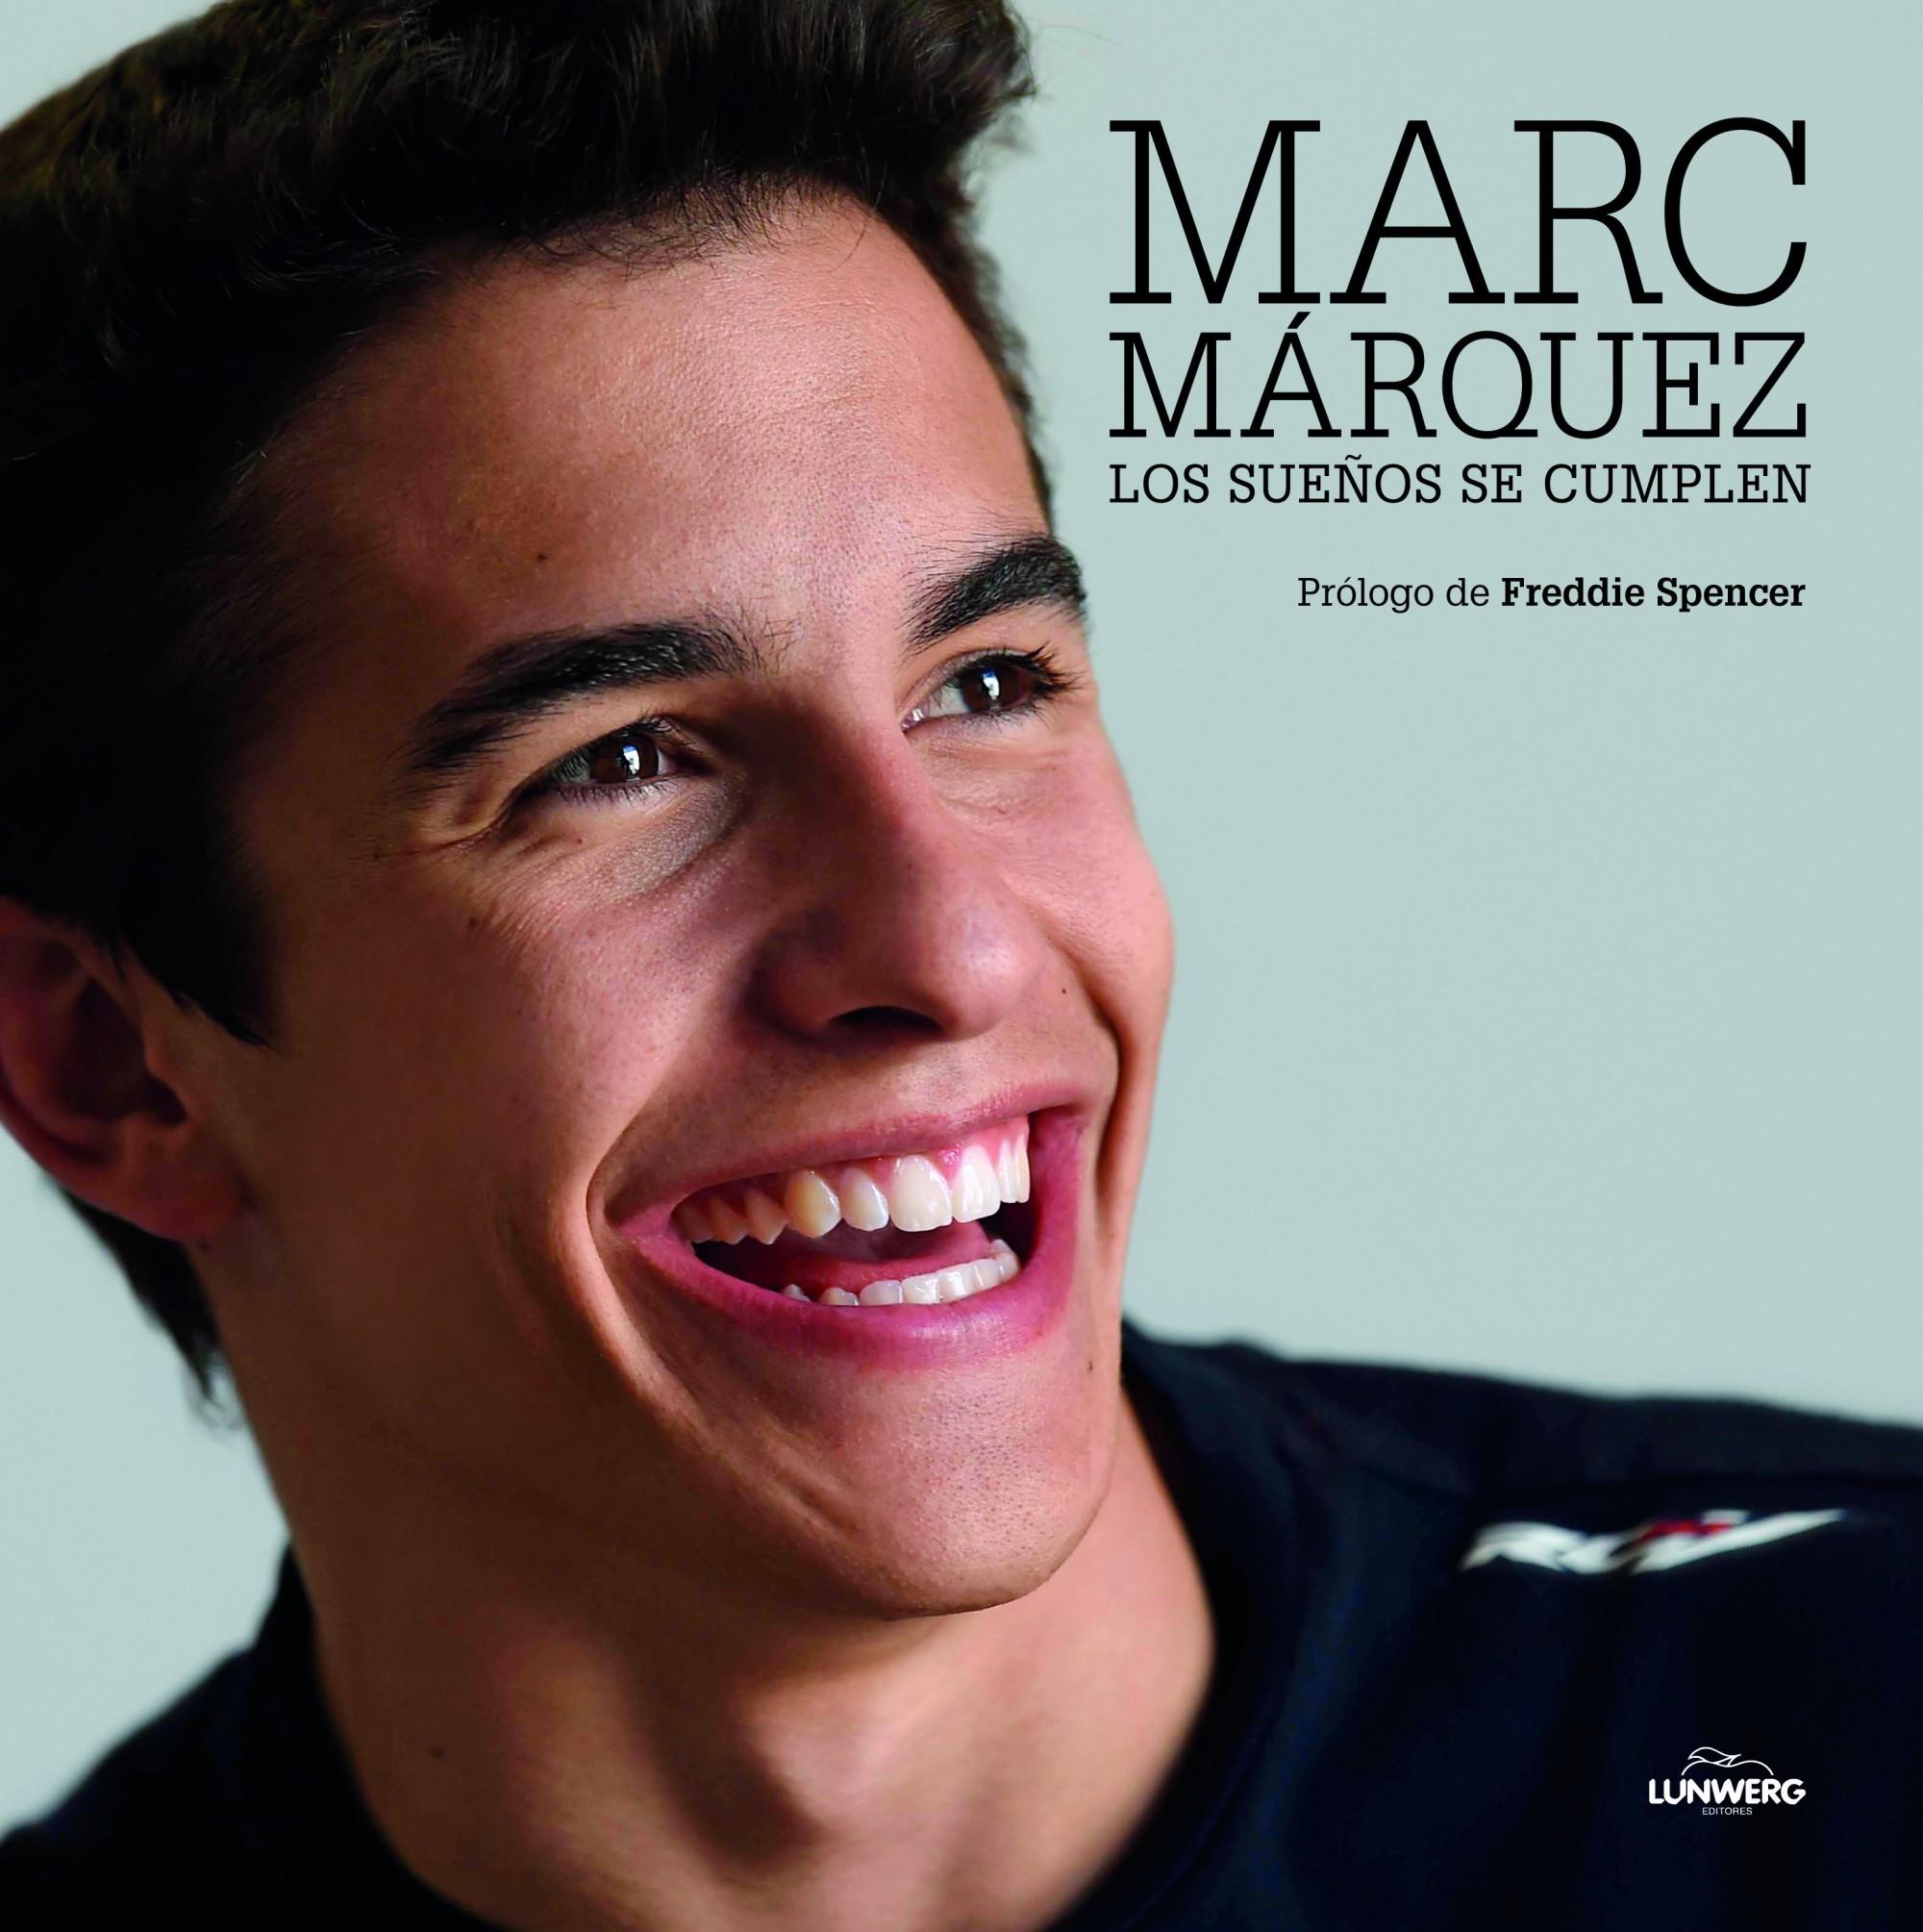 MARC MÁRQUEZ. LOS SUEÑOS SE CUMPLEN